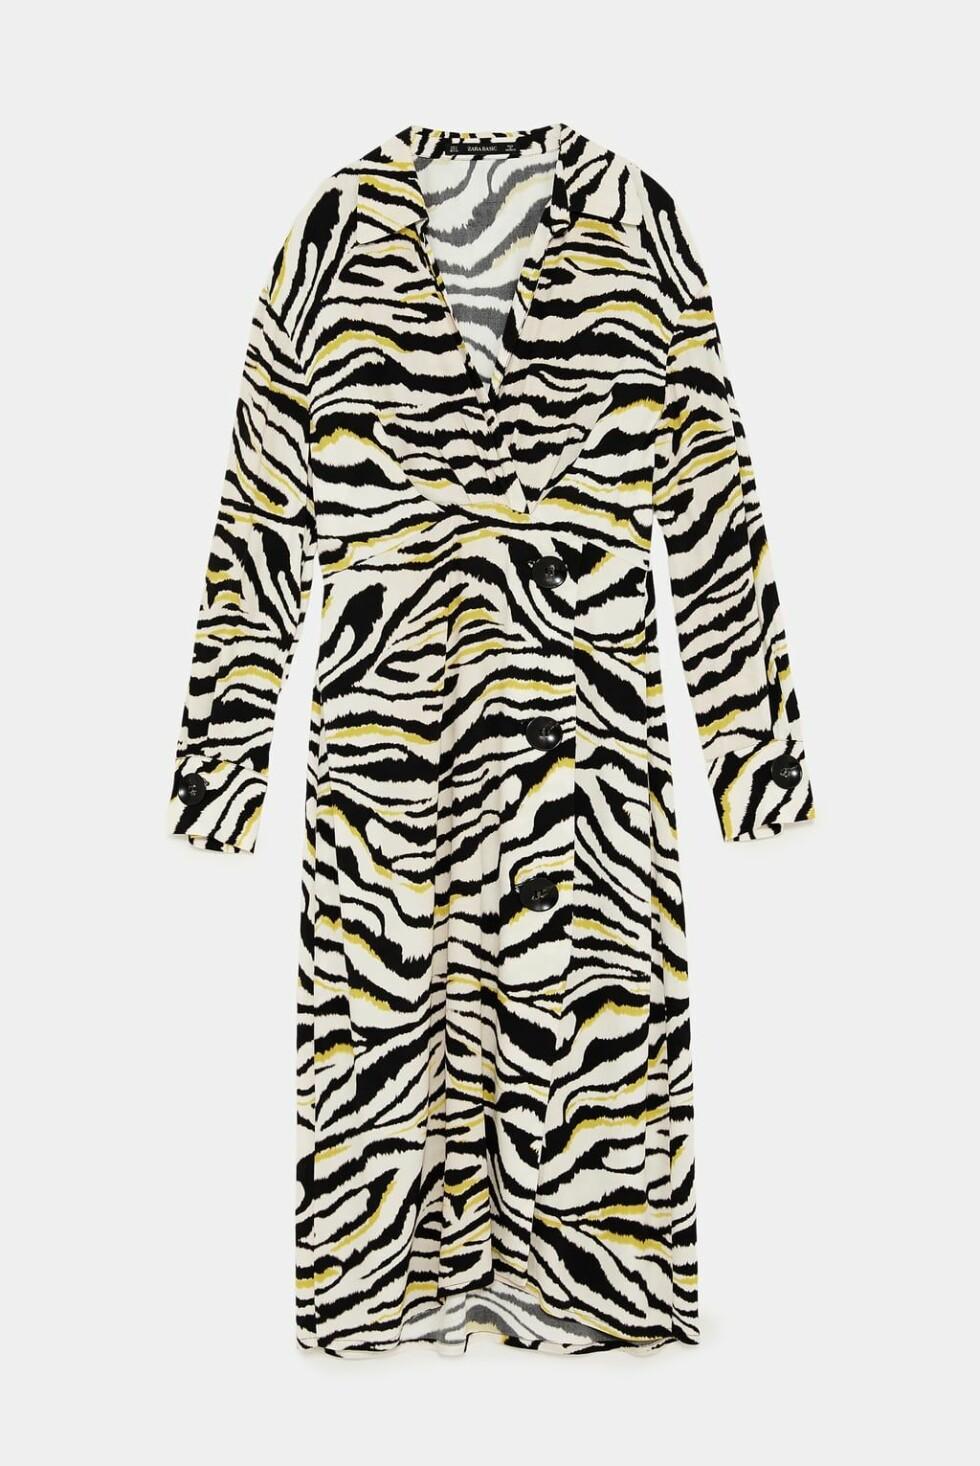 Kjole fra Zara |550,-| https://www.zara.com/no/no/kjole-med-sebram%C3%B8nster-p08172138.html?v1=7232567&v2=1074622